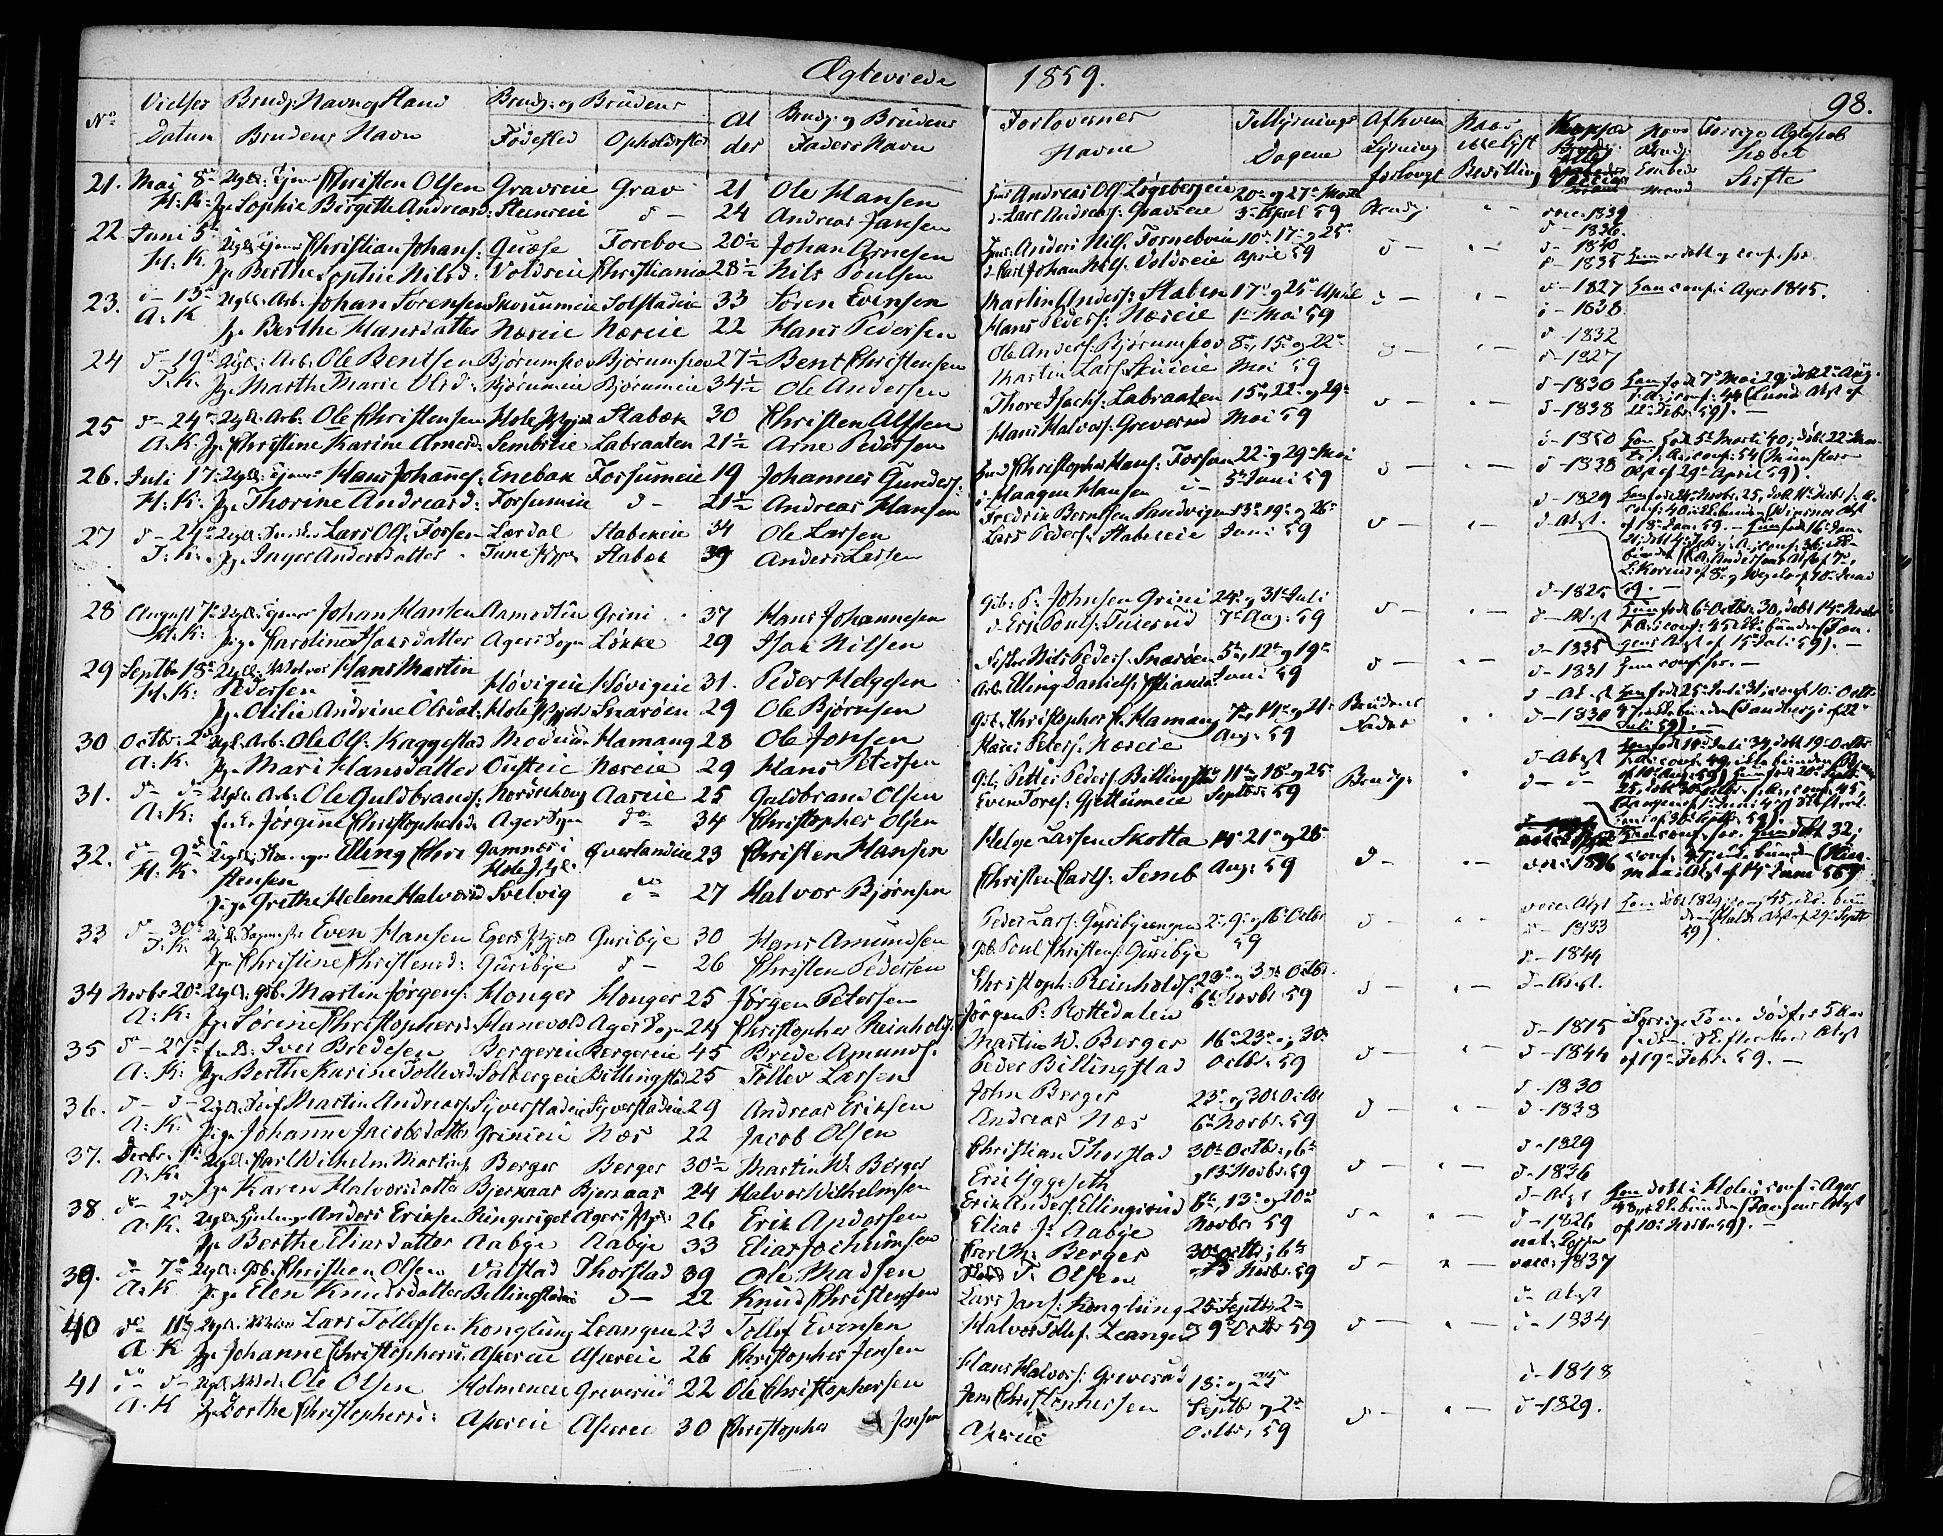 SAO, Asker prestekontor Kirkebøker, F/Fa/L0010: Ministerialbok nr. I 10, 1825-1878, s. 98